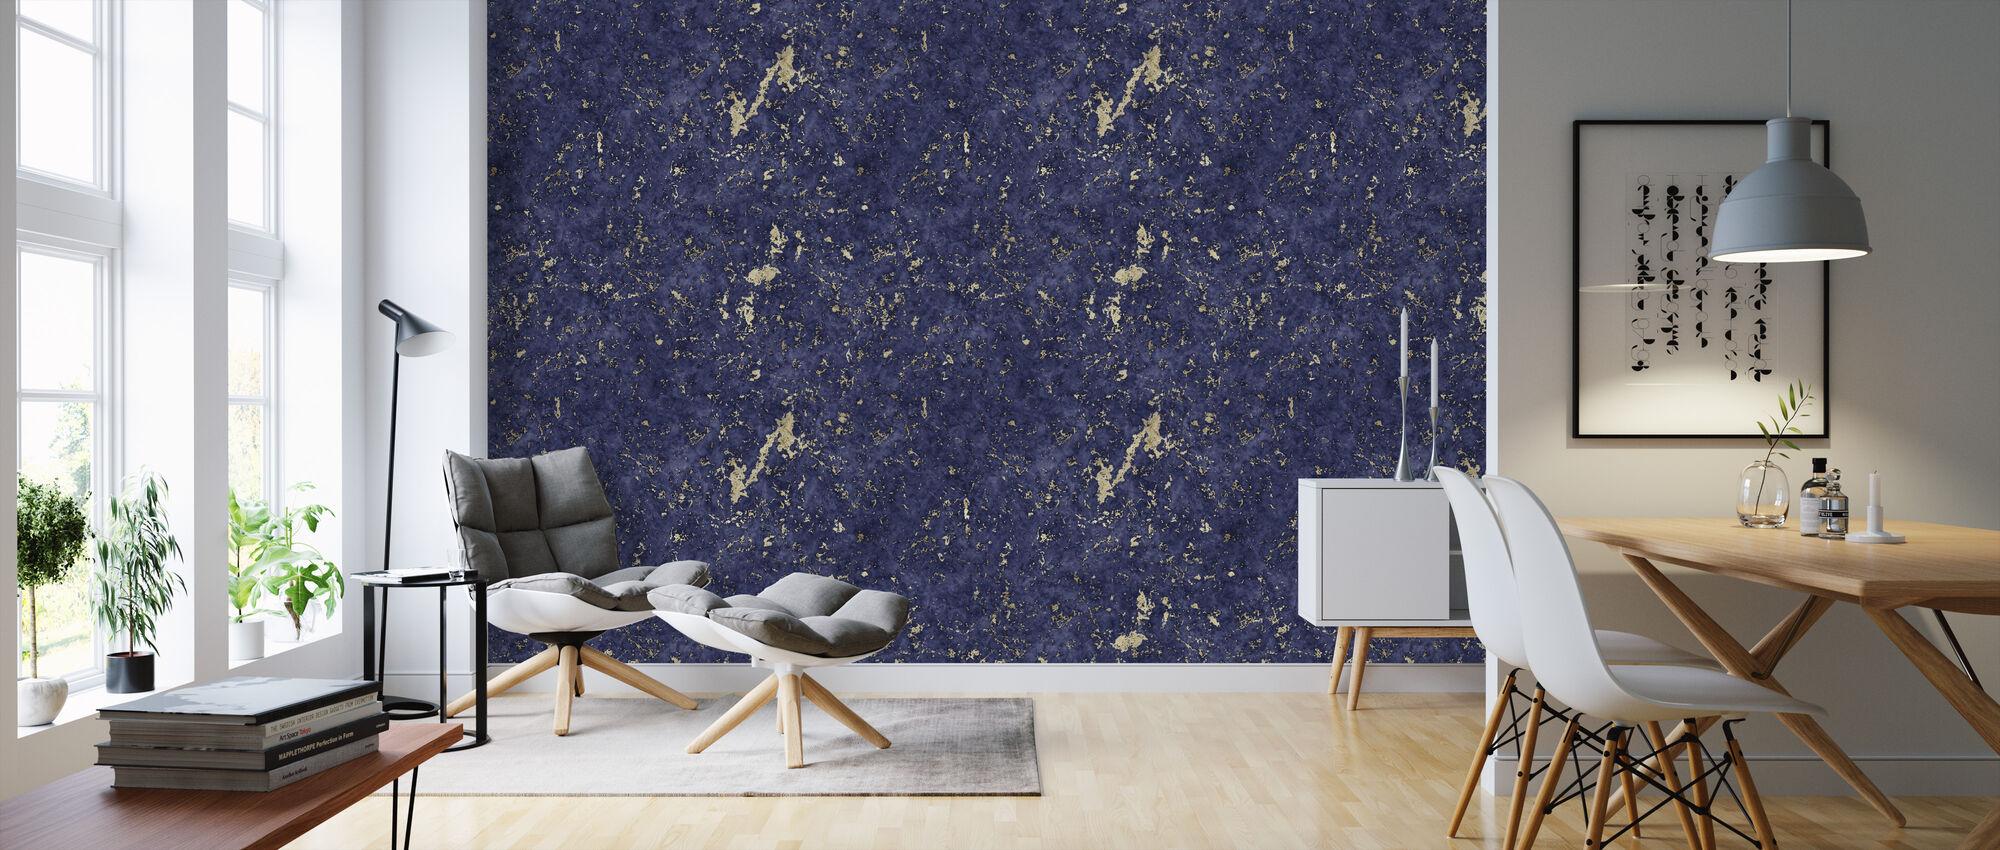 Marmor Blå Damasco Guld - Tapet - Vardagsrum